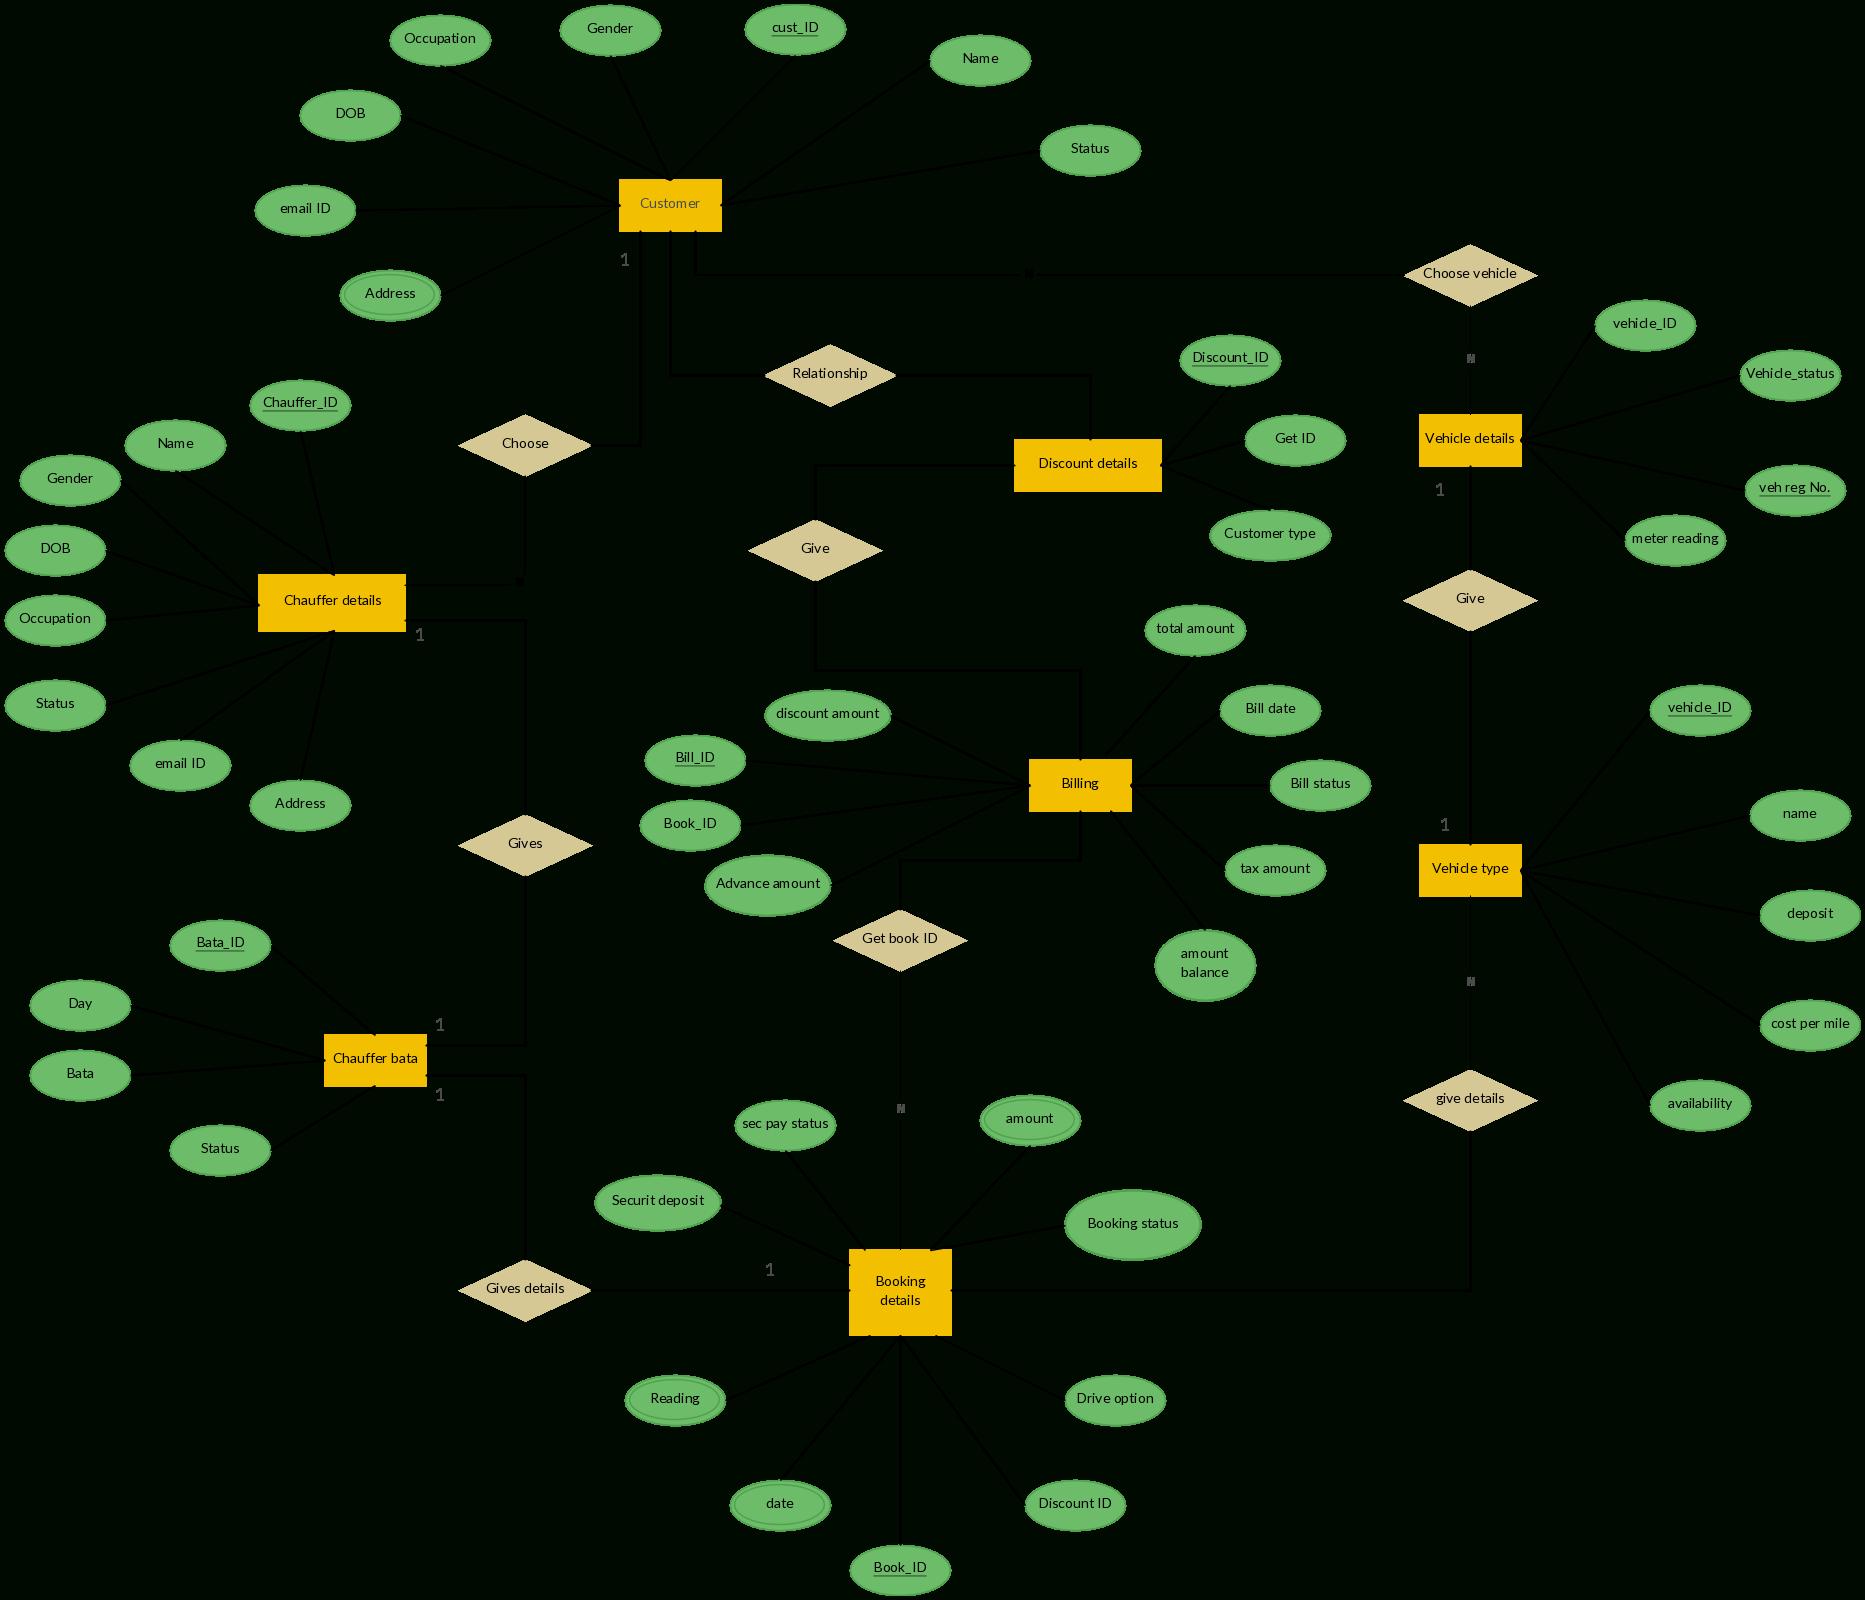 Er Diagram For Car Rental System | Relationship Diagram, Web